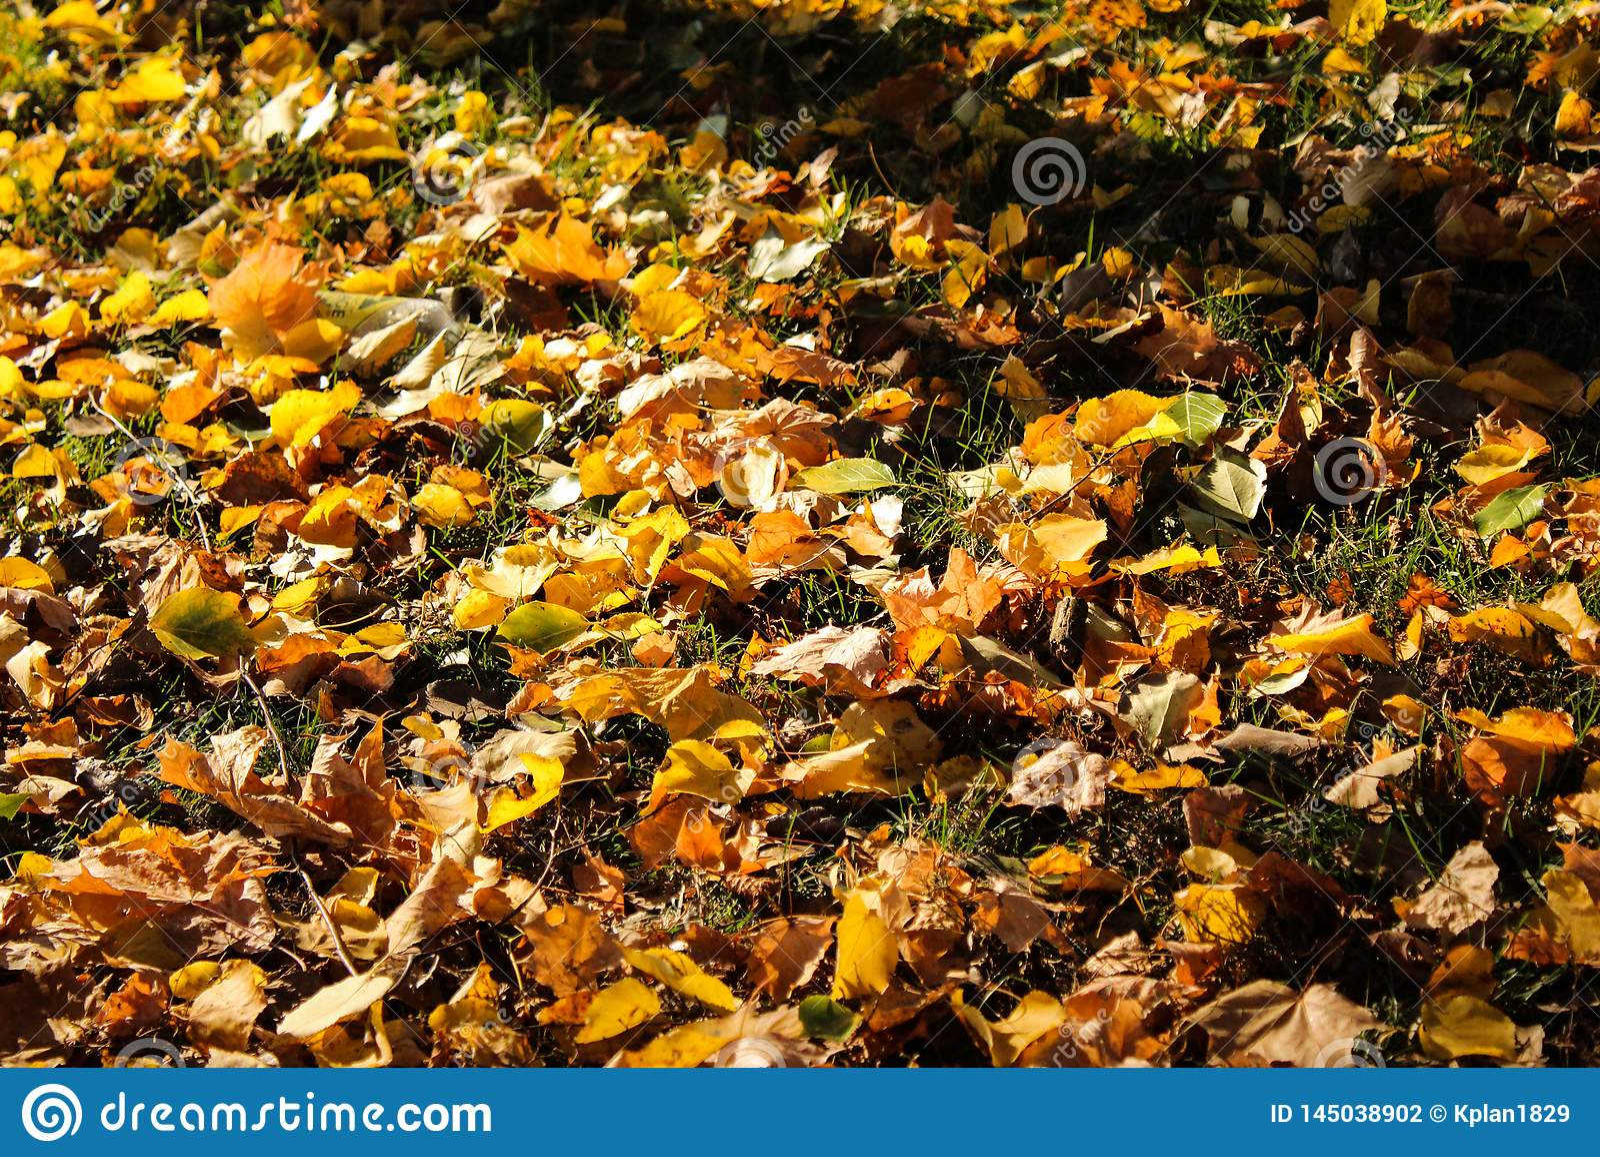 Laubfall auf der Höhe des Herbstes